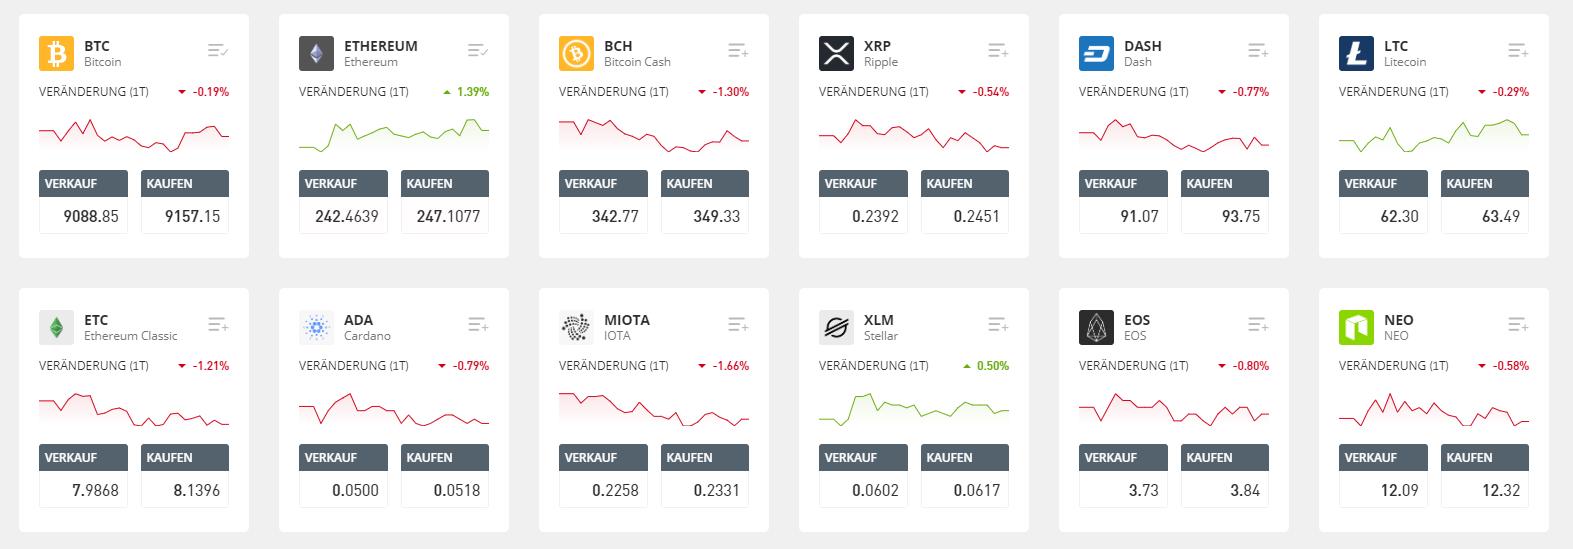 Über 17 verschiedene Kryptowährungen bei Etoro verfügbar